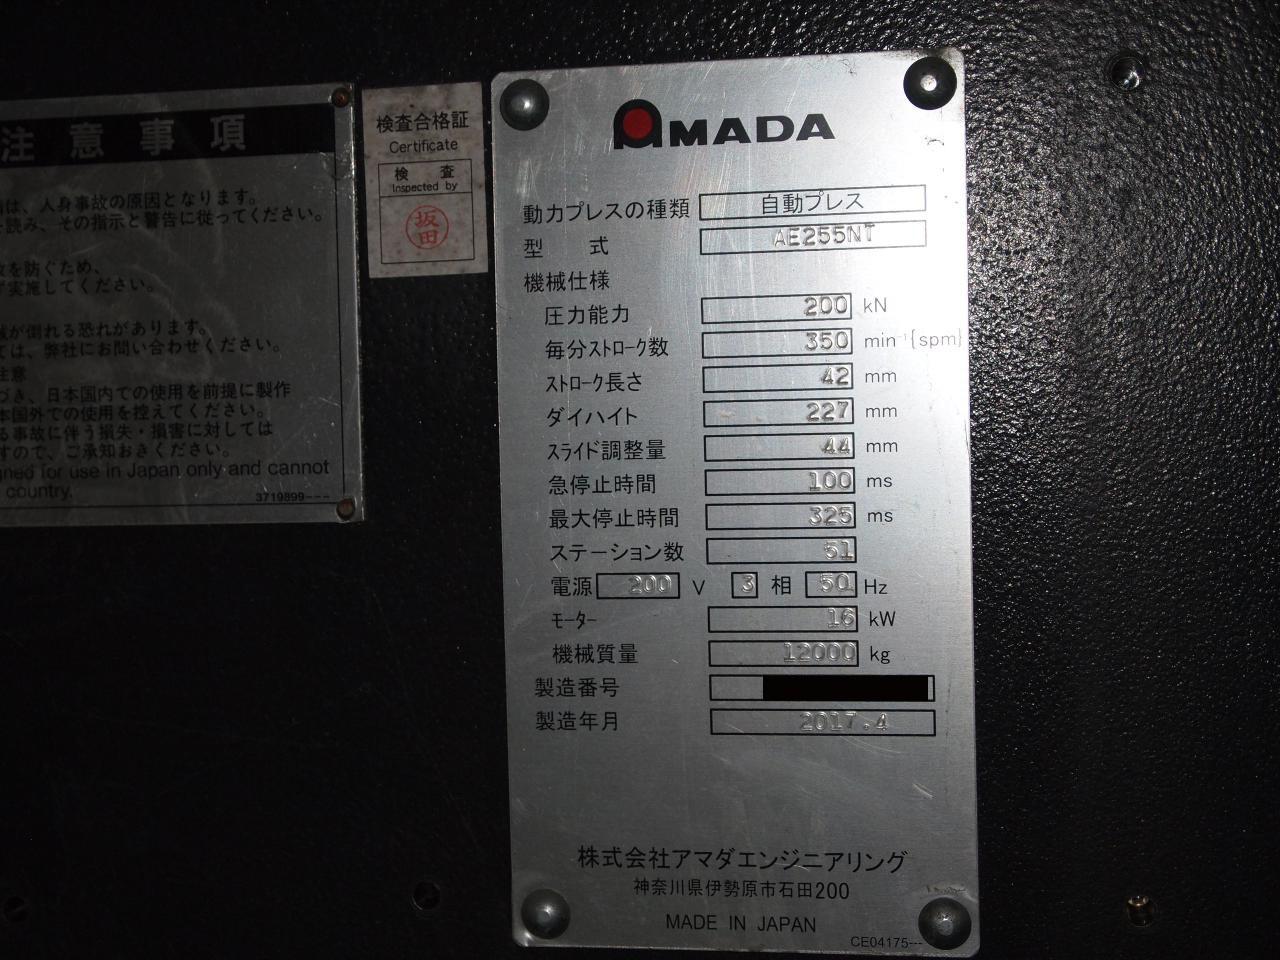 AE255NTの銘板